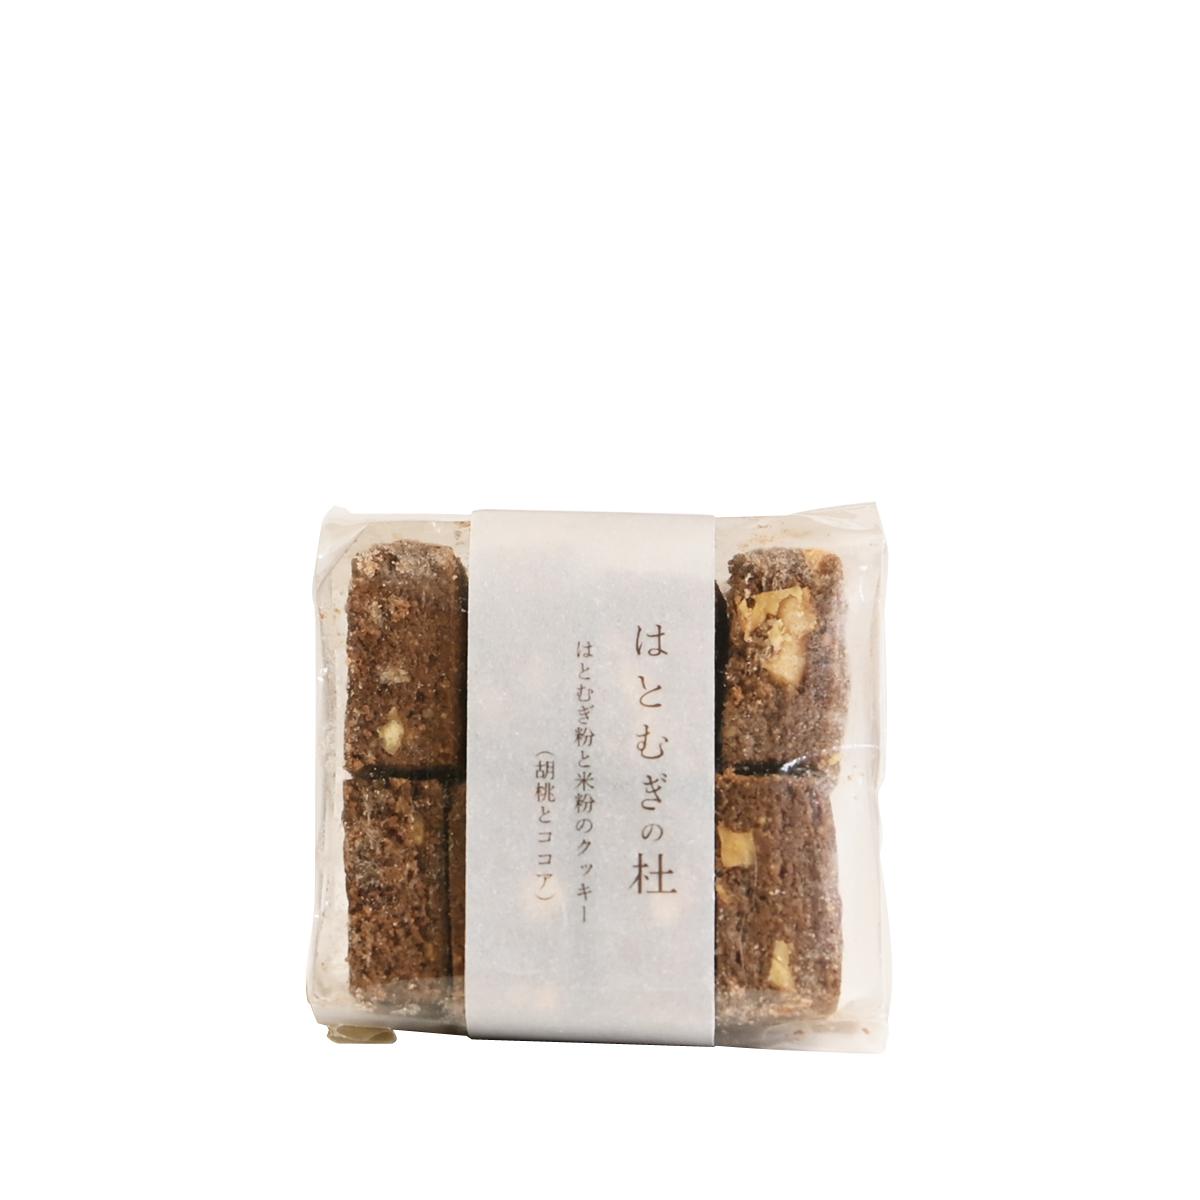 はとむぎの杜 はとむぎ粉と米粉のクッキー